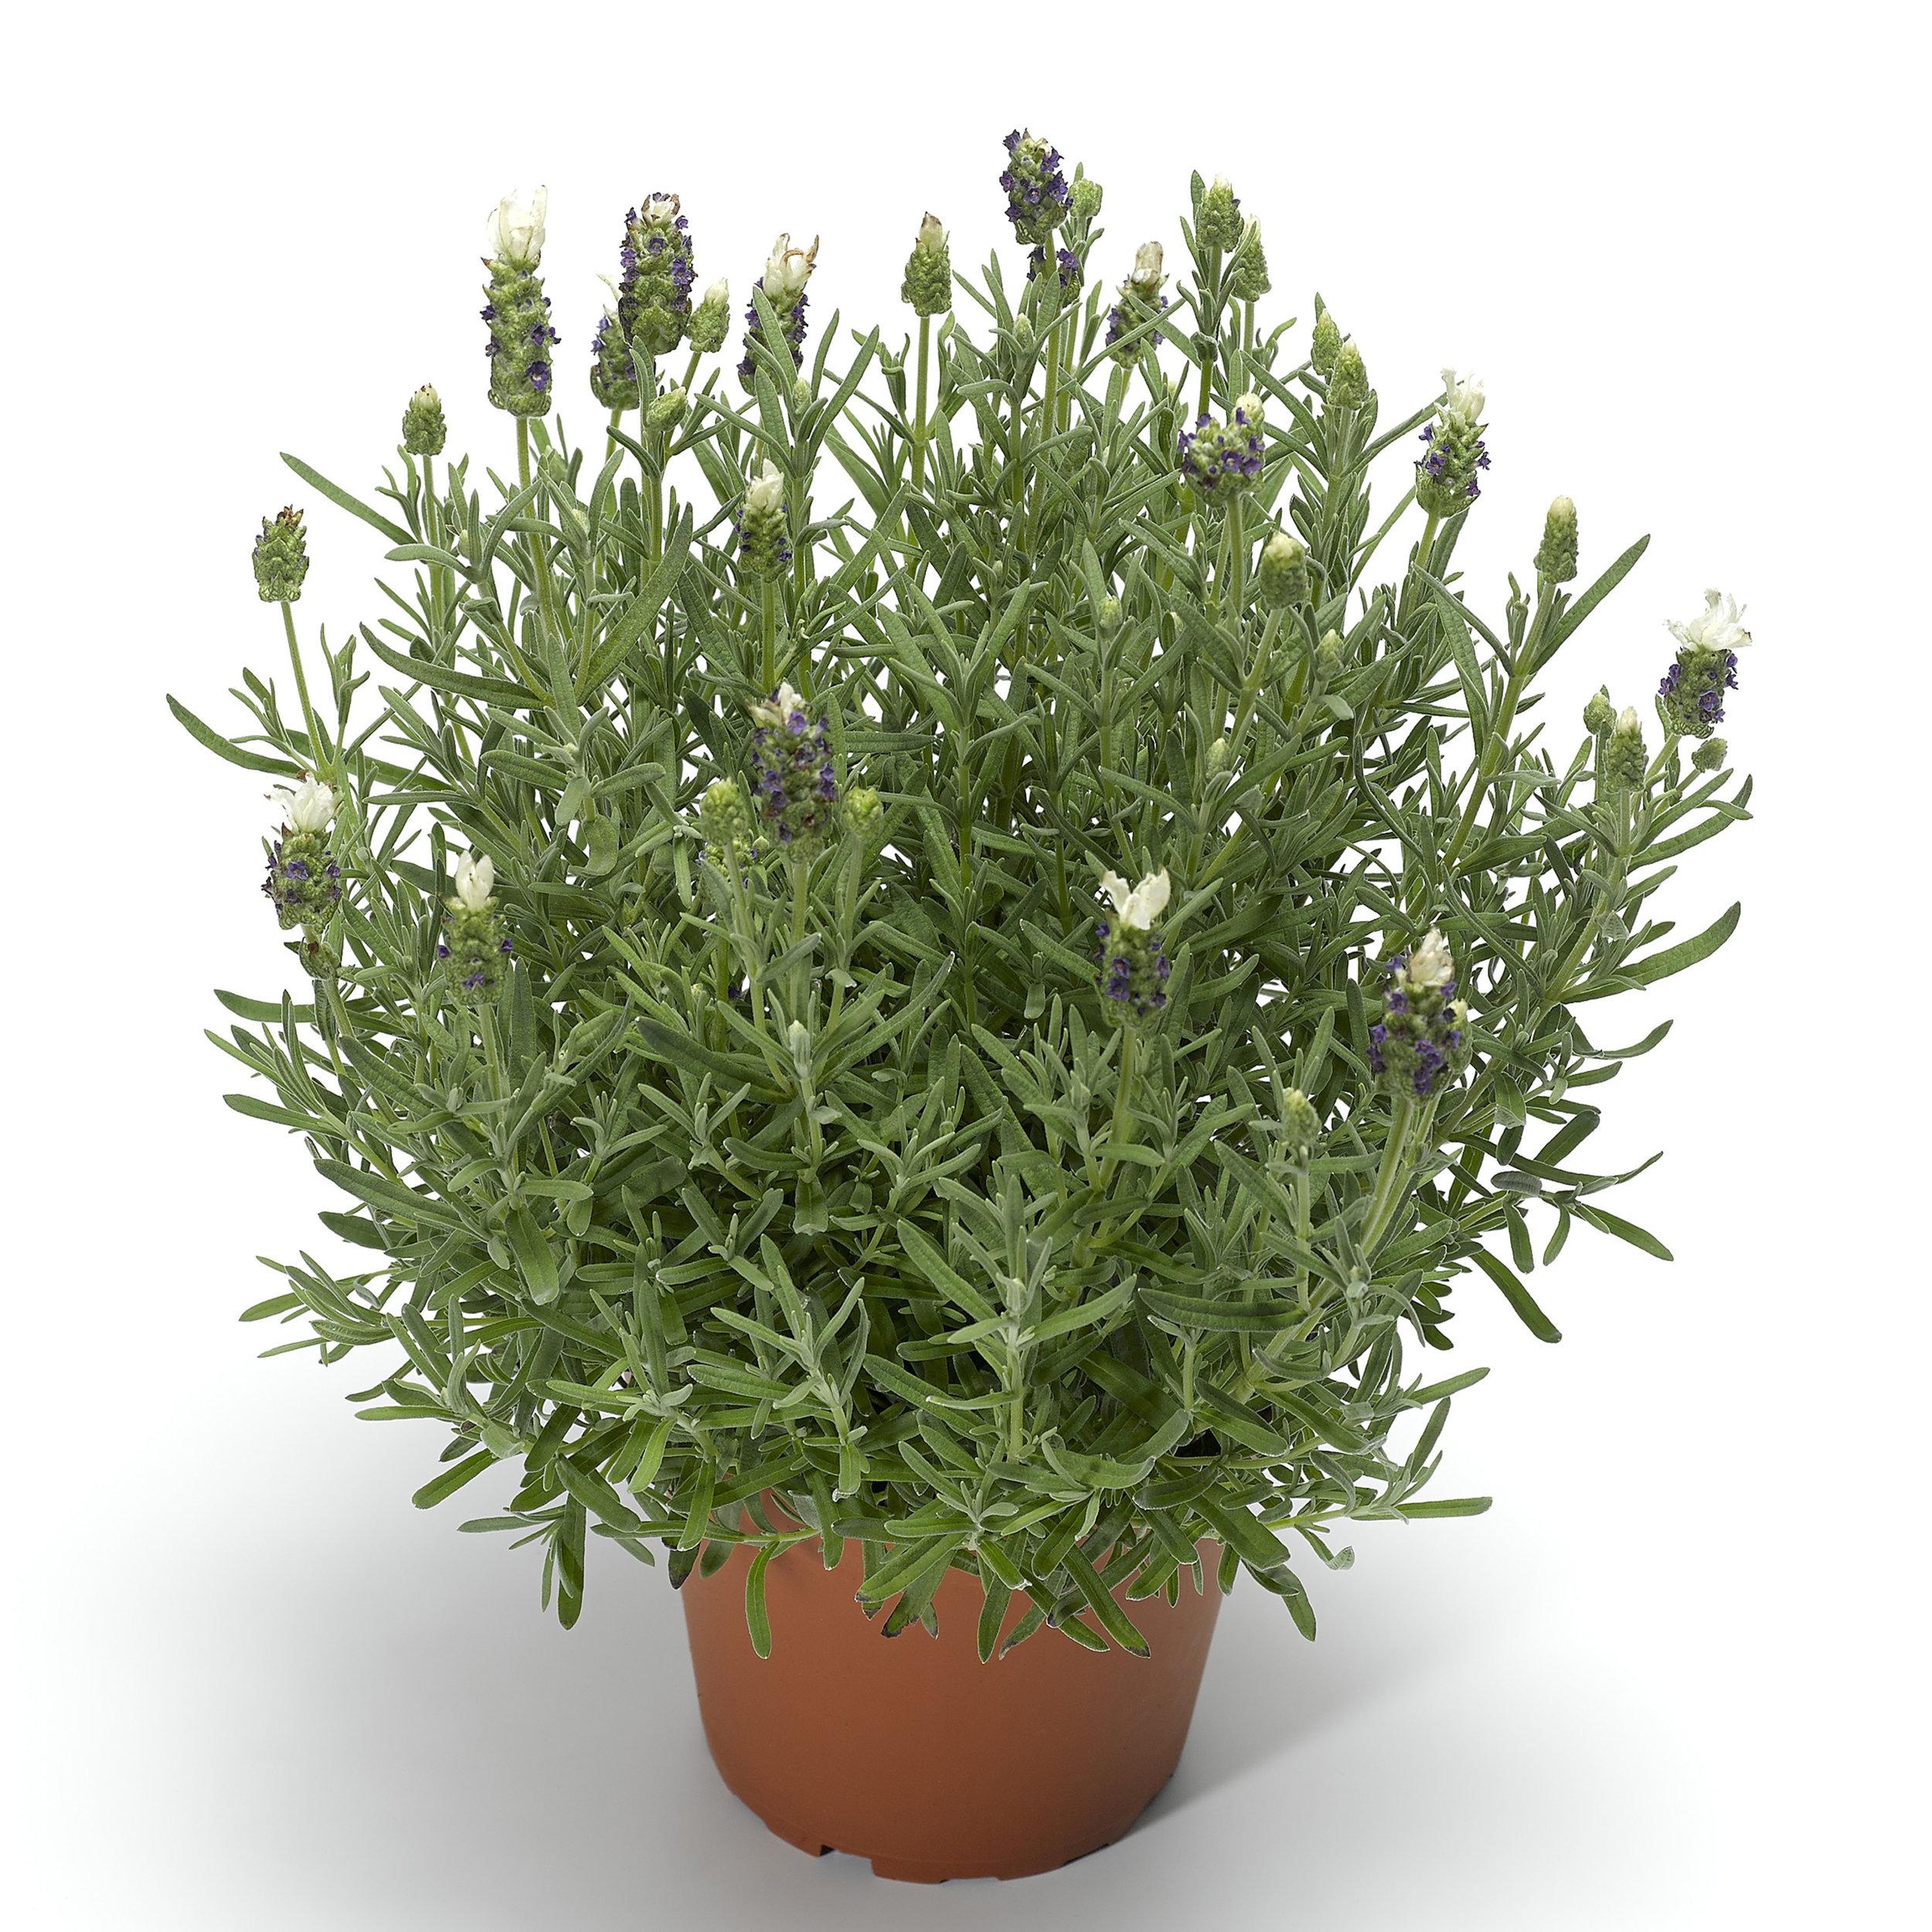 HR_Seed_Lavender_Castilliano_2.0™_Castilliano_2.0™_White_70048703.jpg